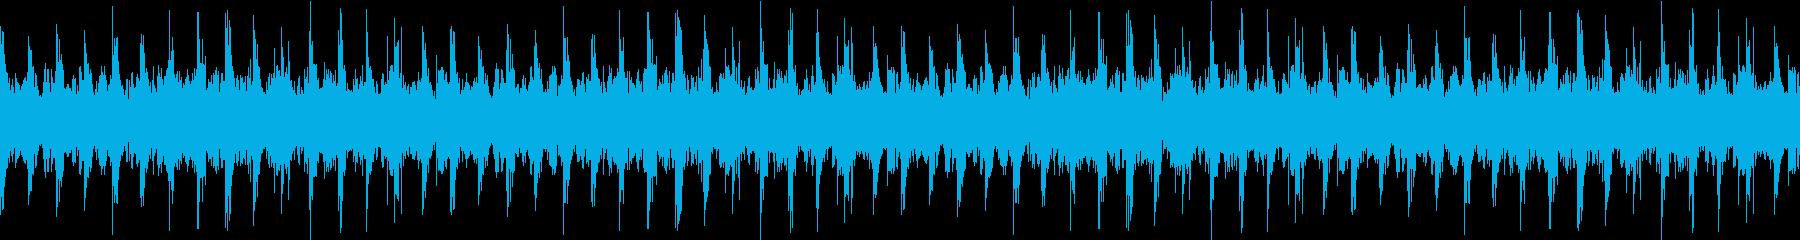 ストロボループ2の再生済みの波形